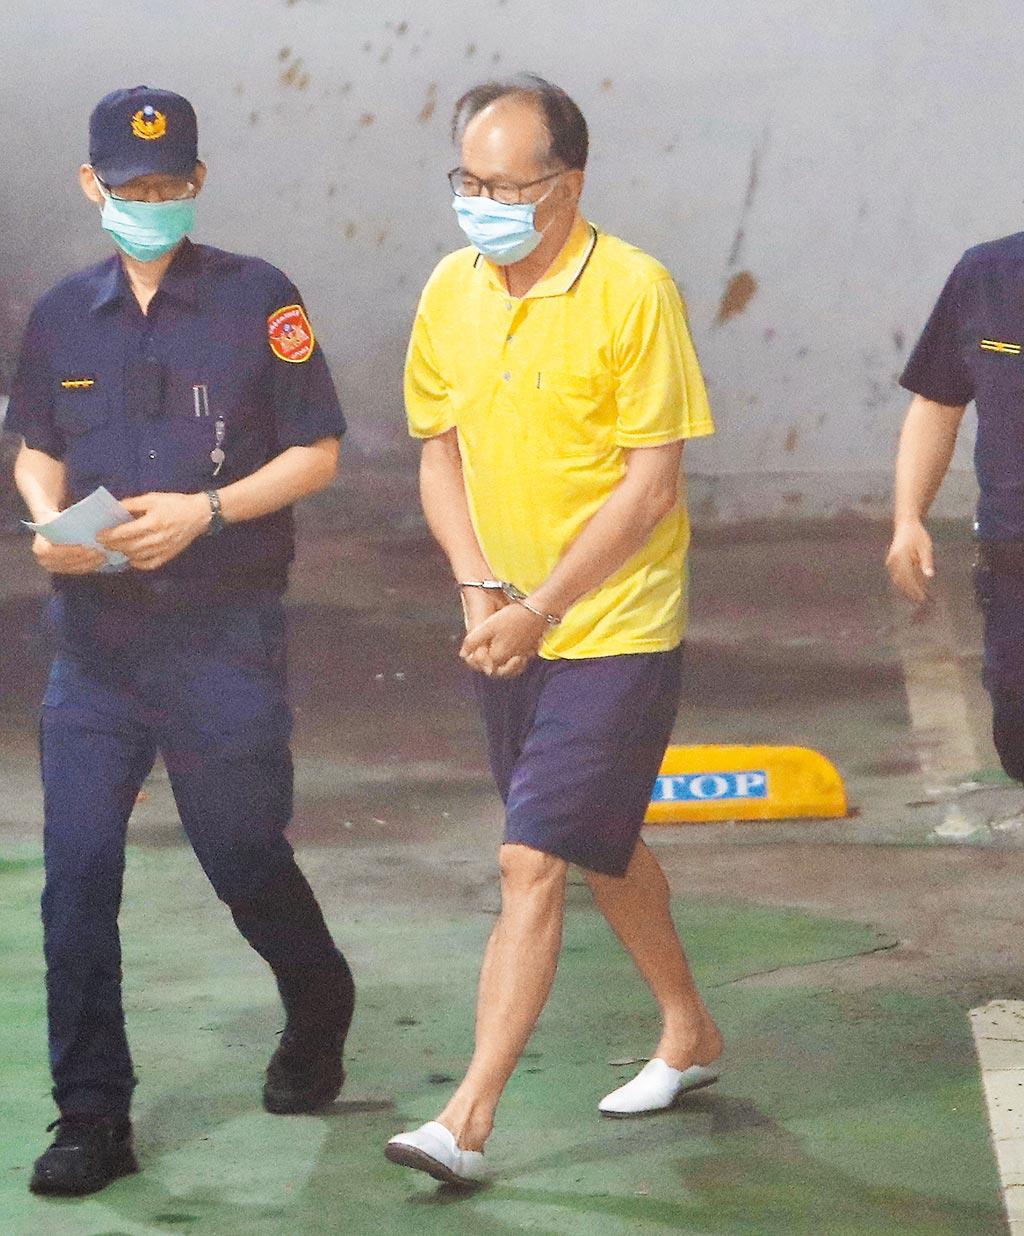 台北地檢署21日依貪汙罪起訴立委陳超明(右)後,解送在押的他,移審台北地院。(季志翔攝)